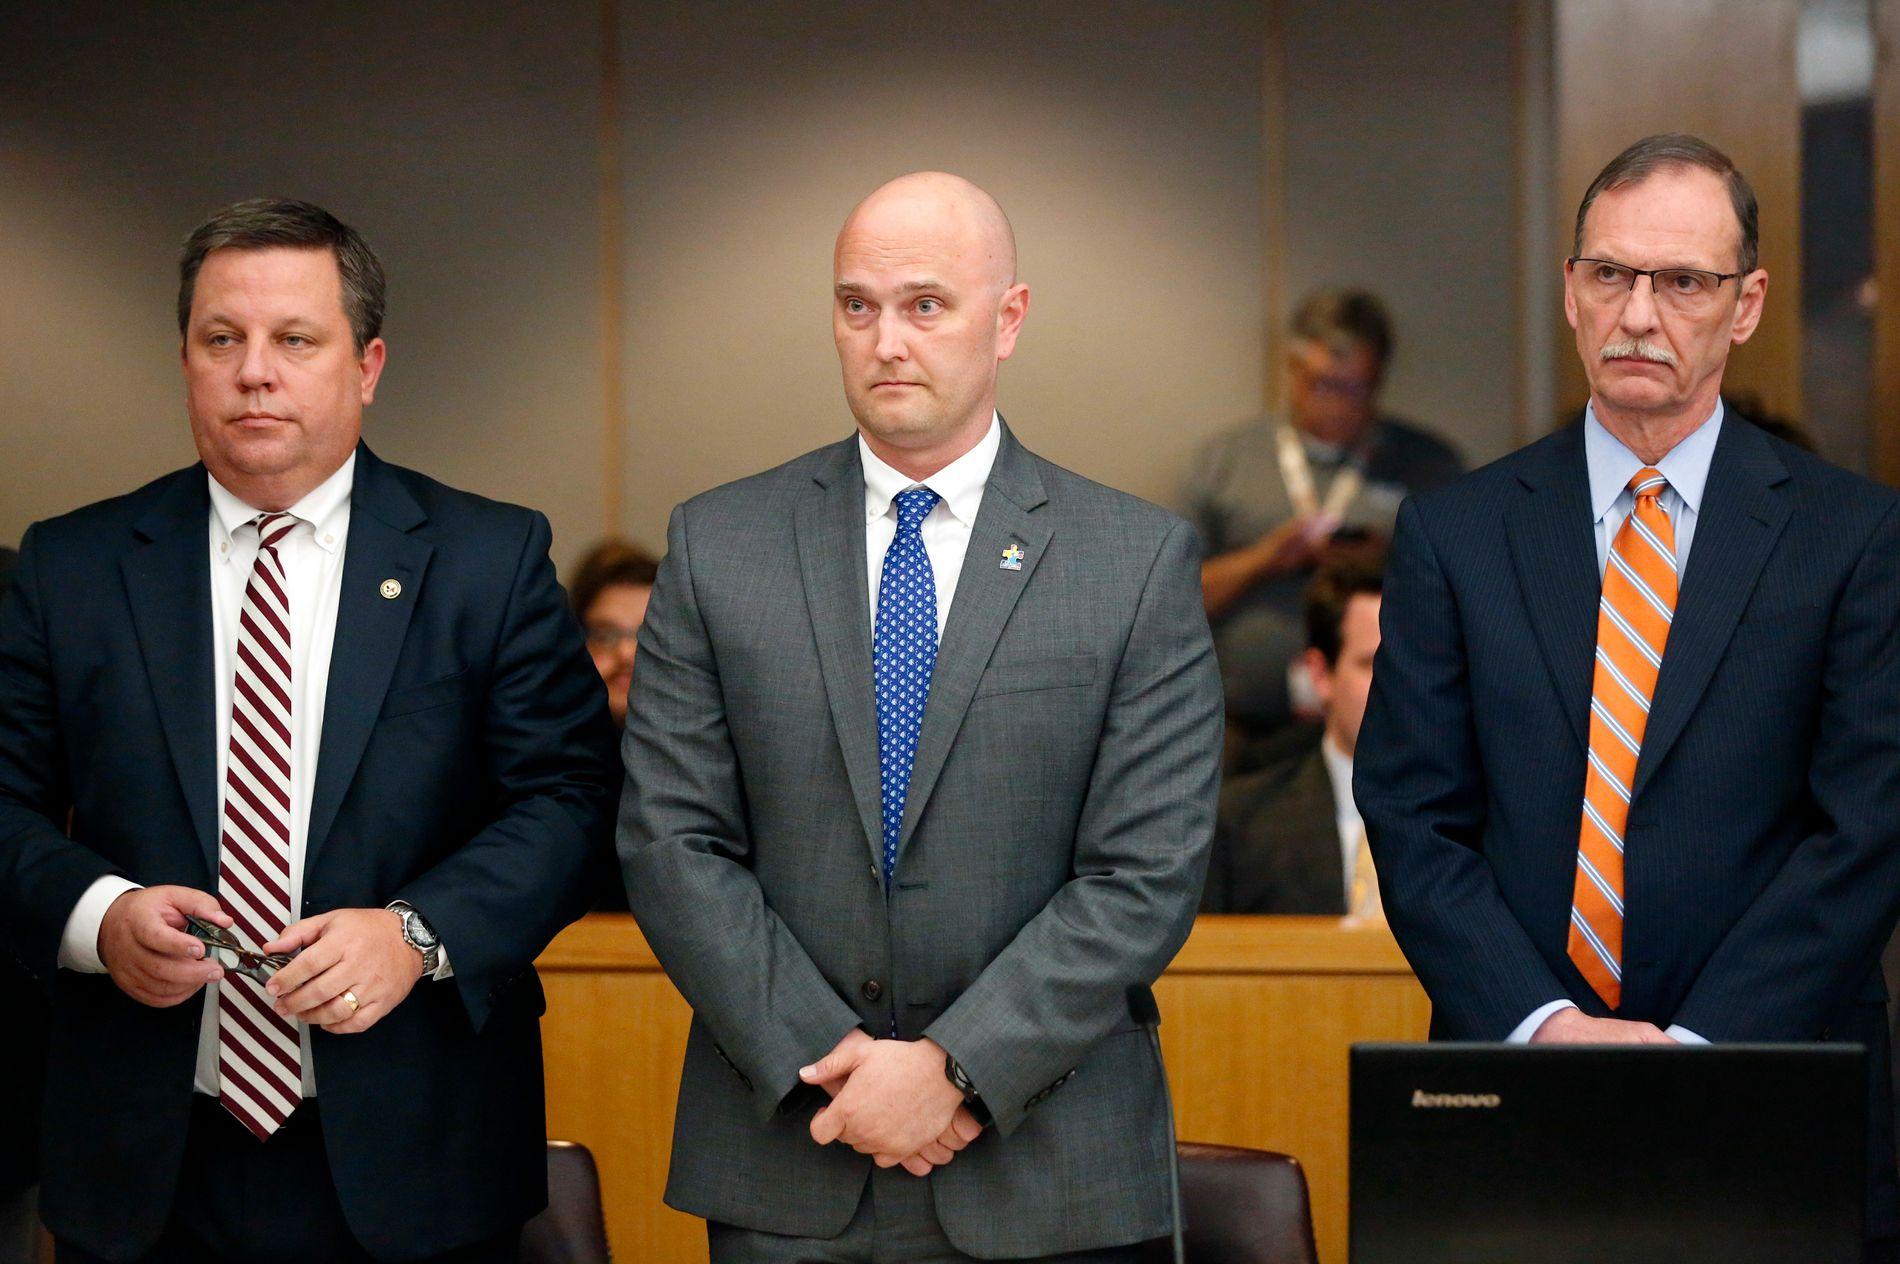 DØMT: Eks-politimannen Roy Oliver (i midten) fikk tirsdag sin dom. I retten ble han forsvart av advokatene Miles Brissette og Bob Gill.